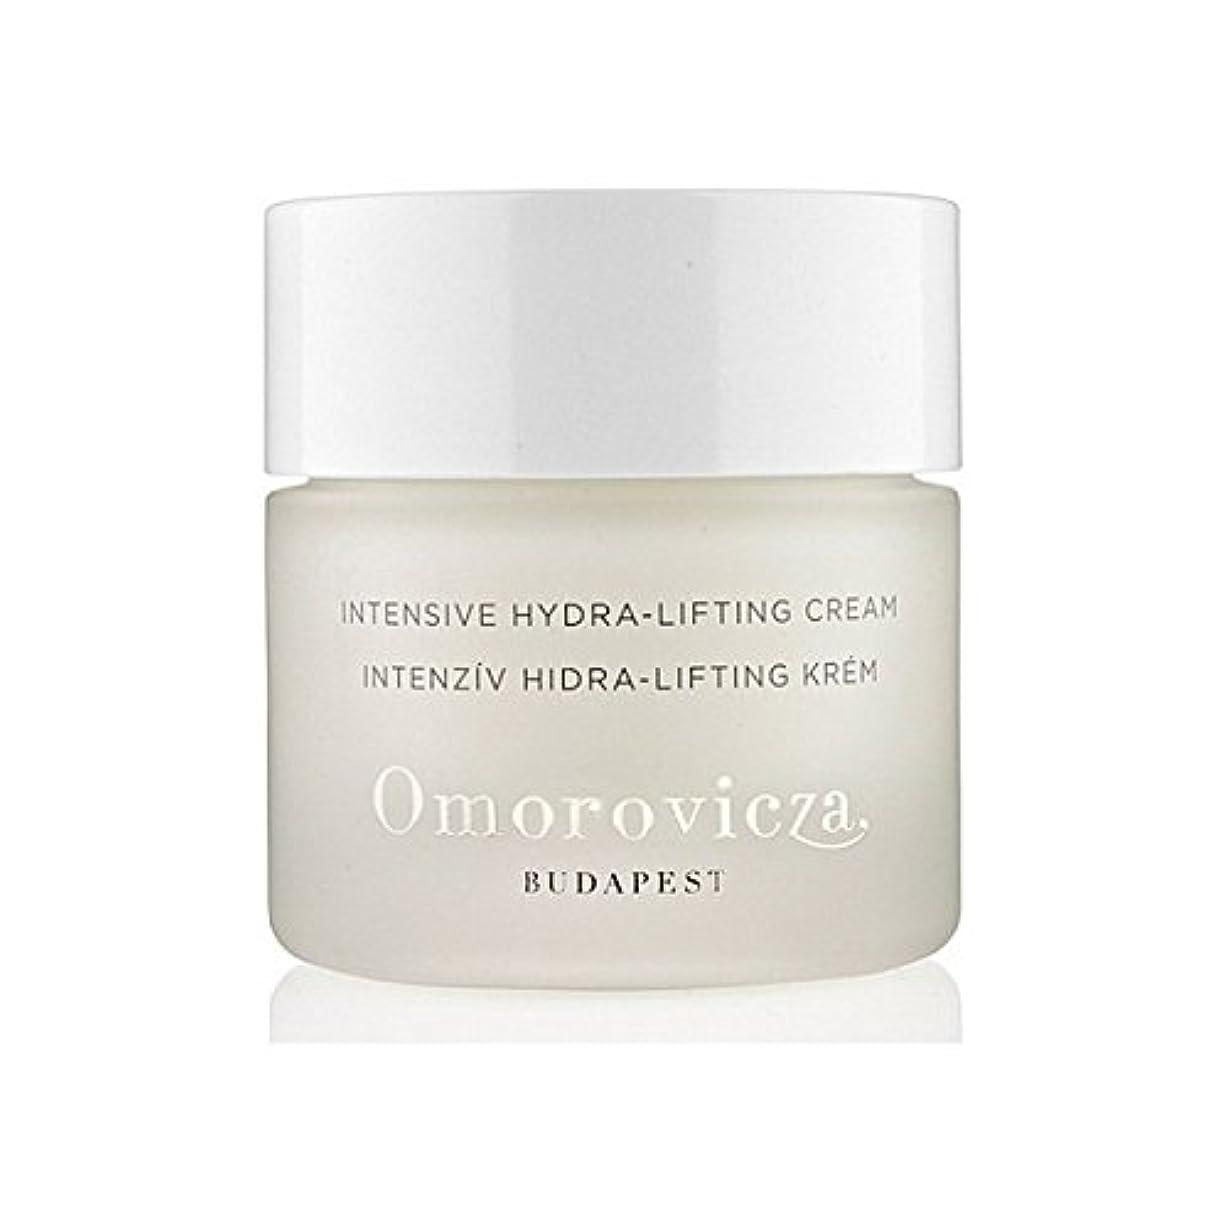 繰り返した無駄だ国籍Omorovicza Intensive Hydra-Lifting Cream 50Ml (Pack of 6) - 集中的なヒドラリフティングクリーム50 x6 [並行輸入品]